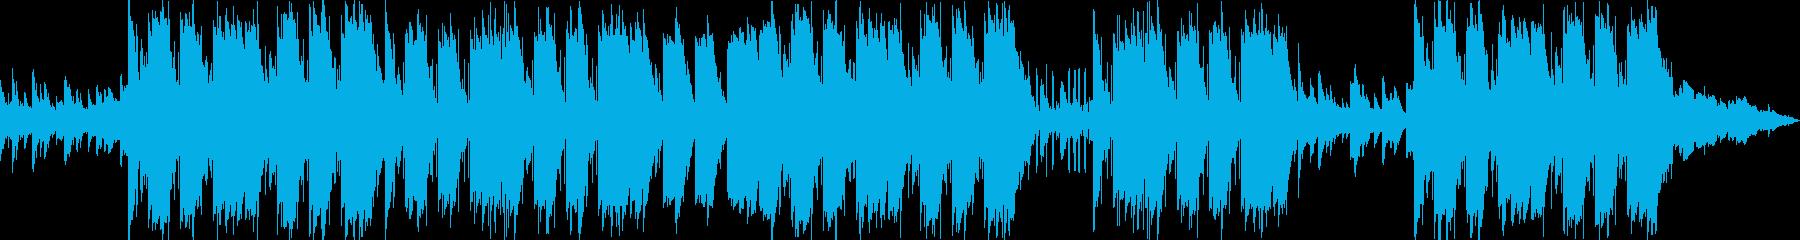 切なくエモーショナルなピアノトラップの再生済みの波形